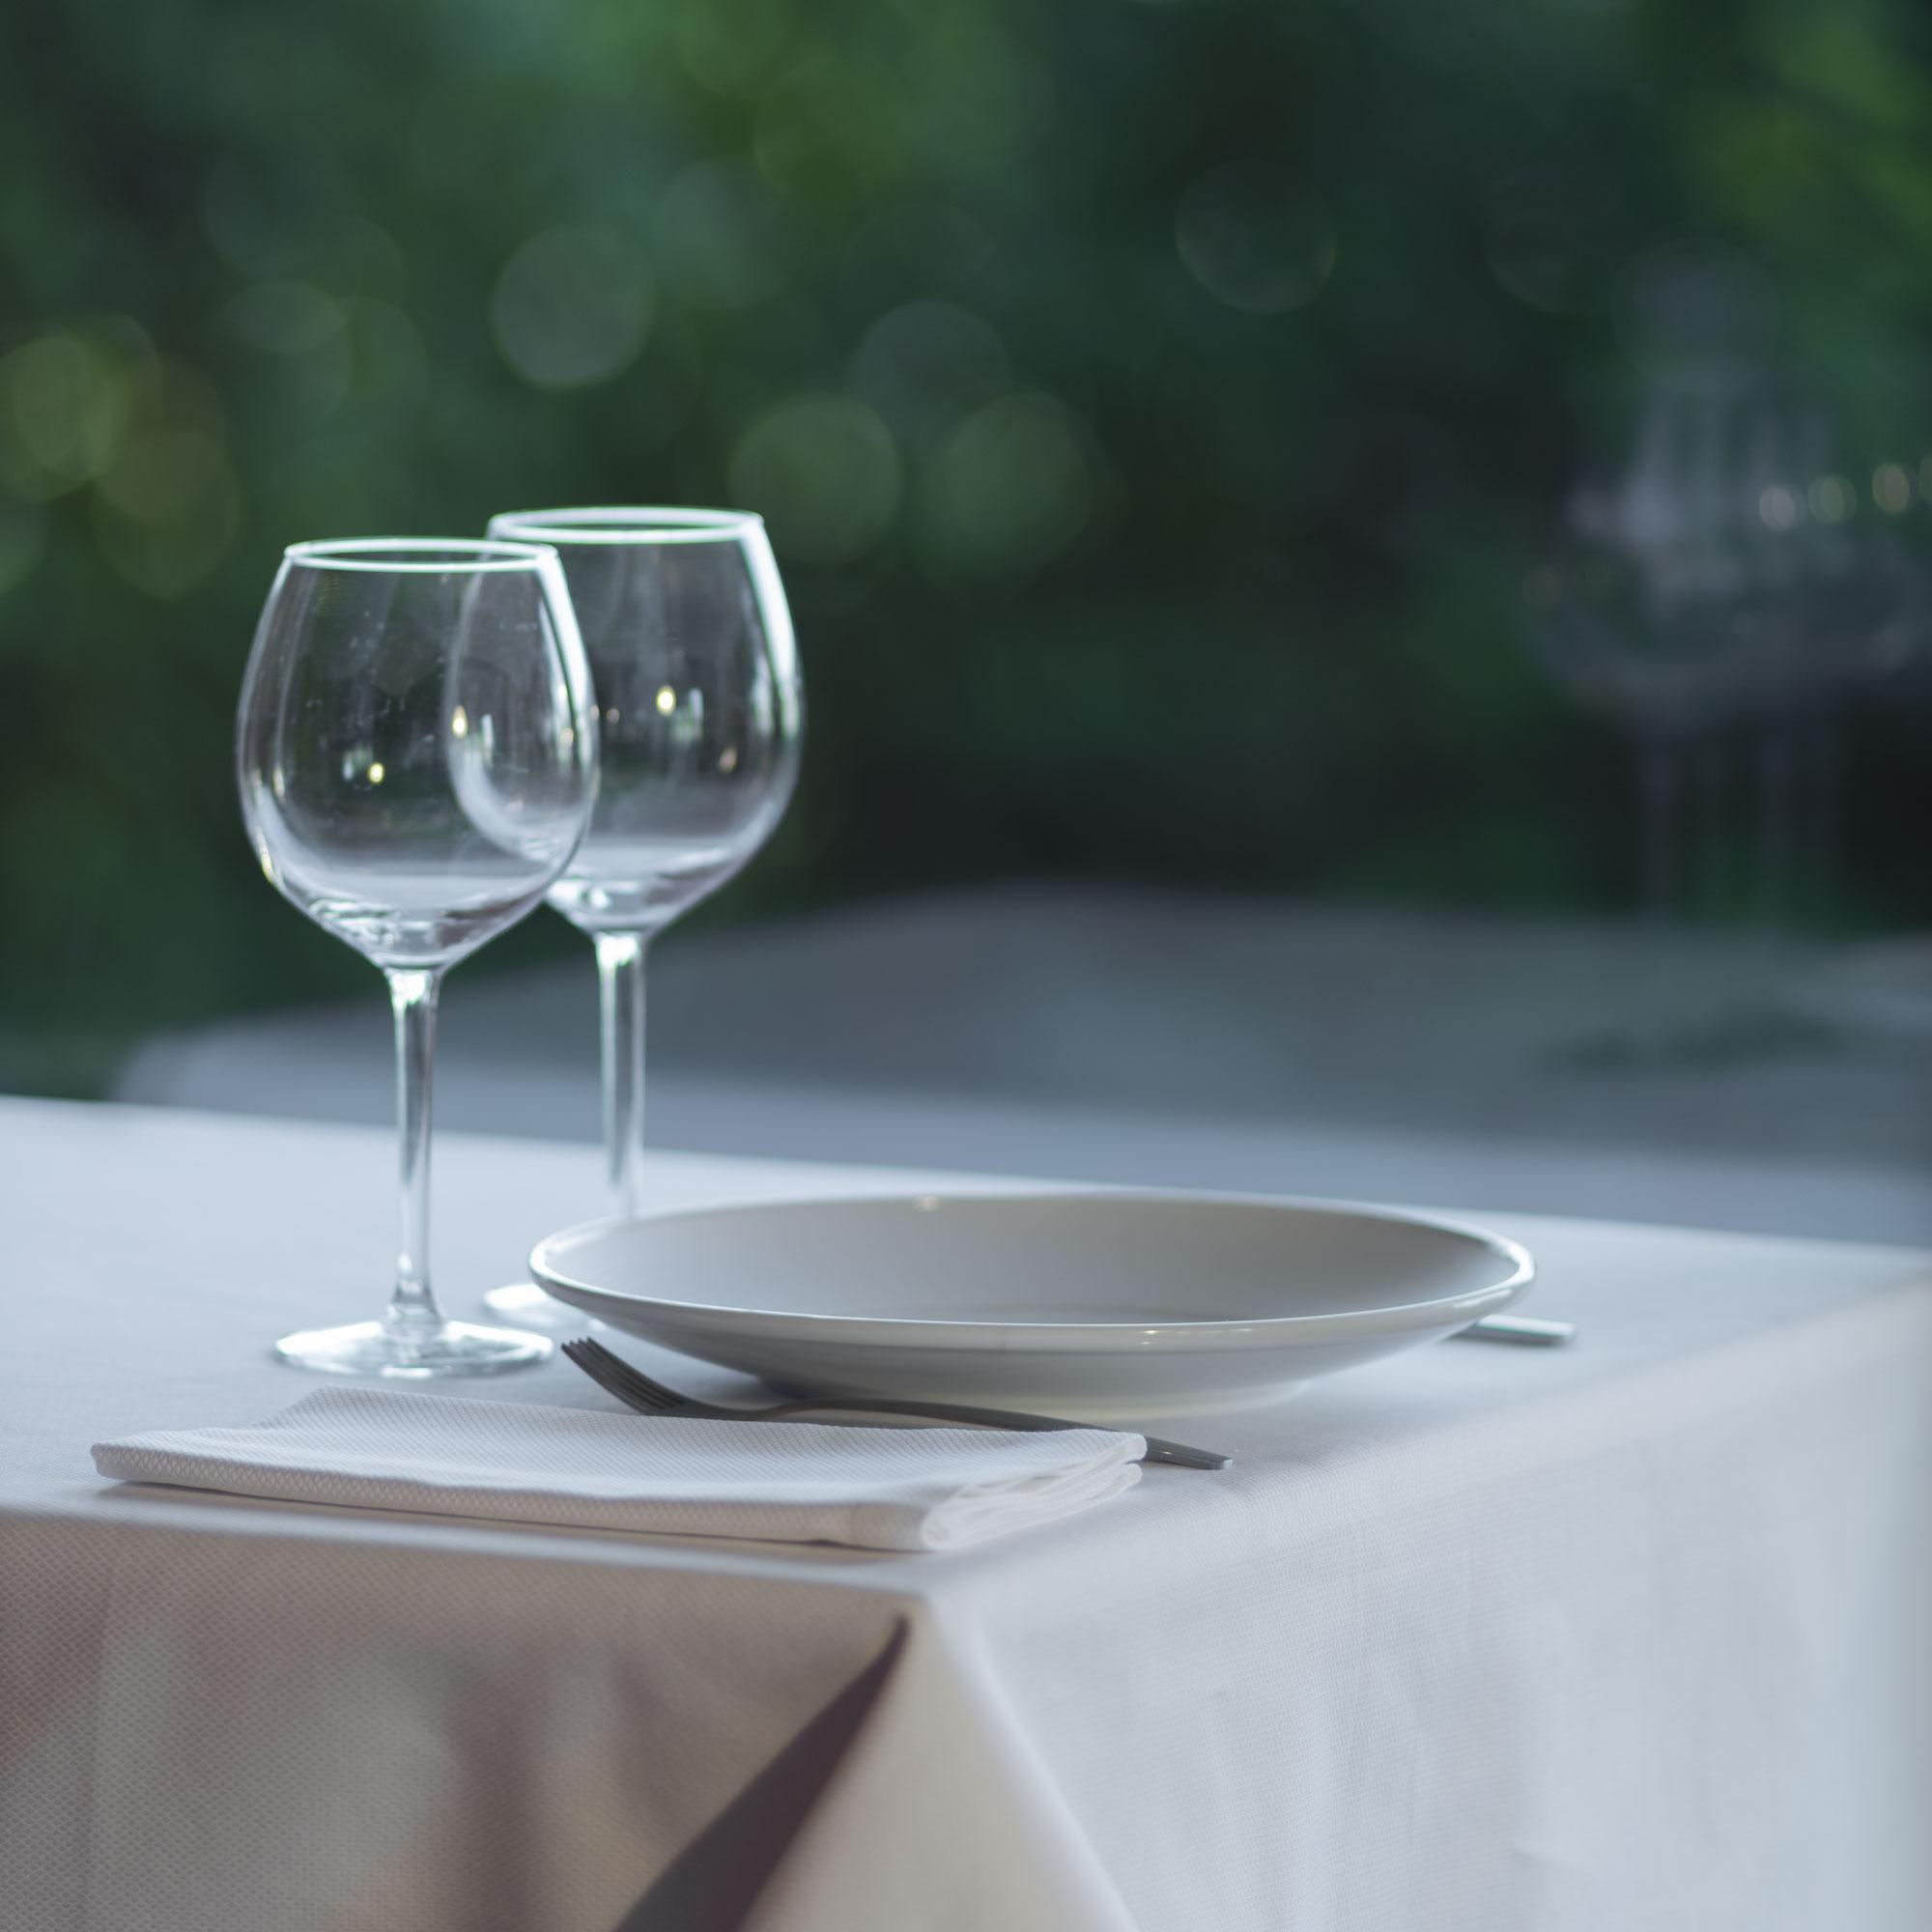 linge-table-royale-coton